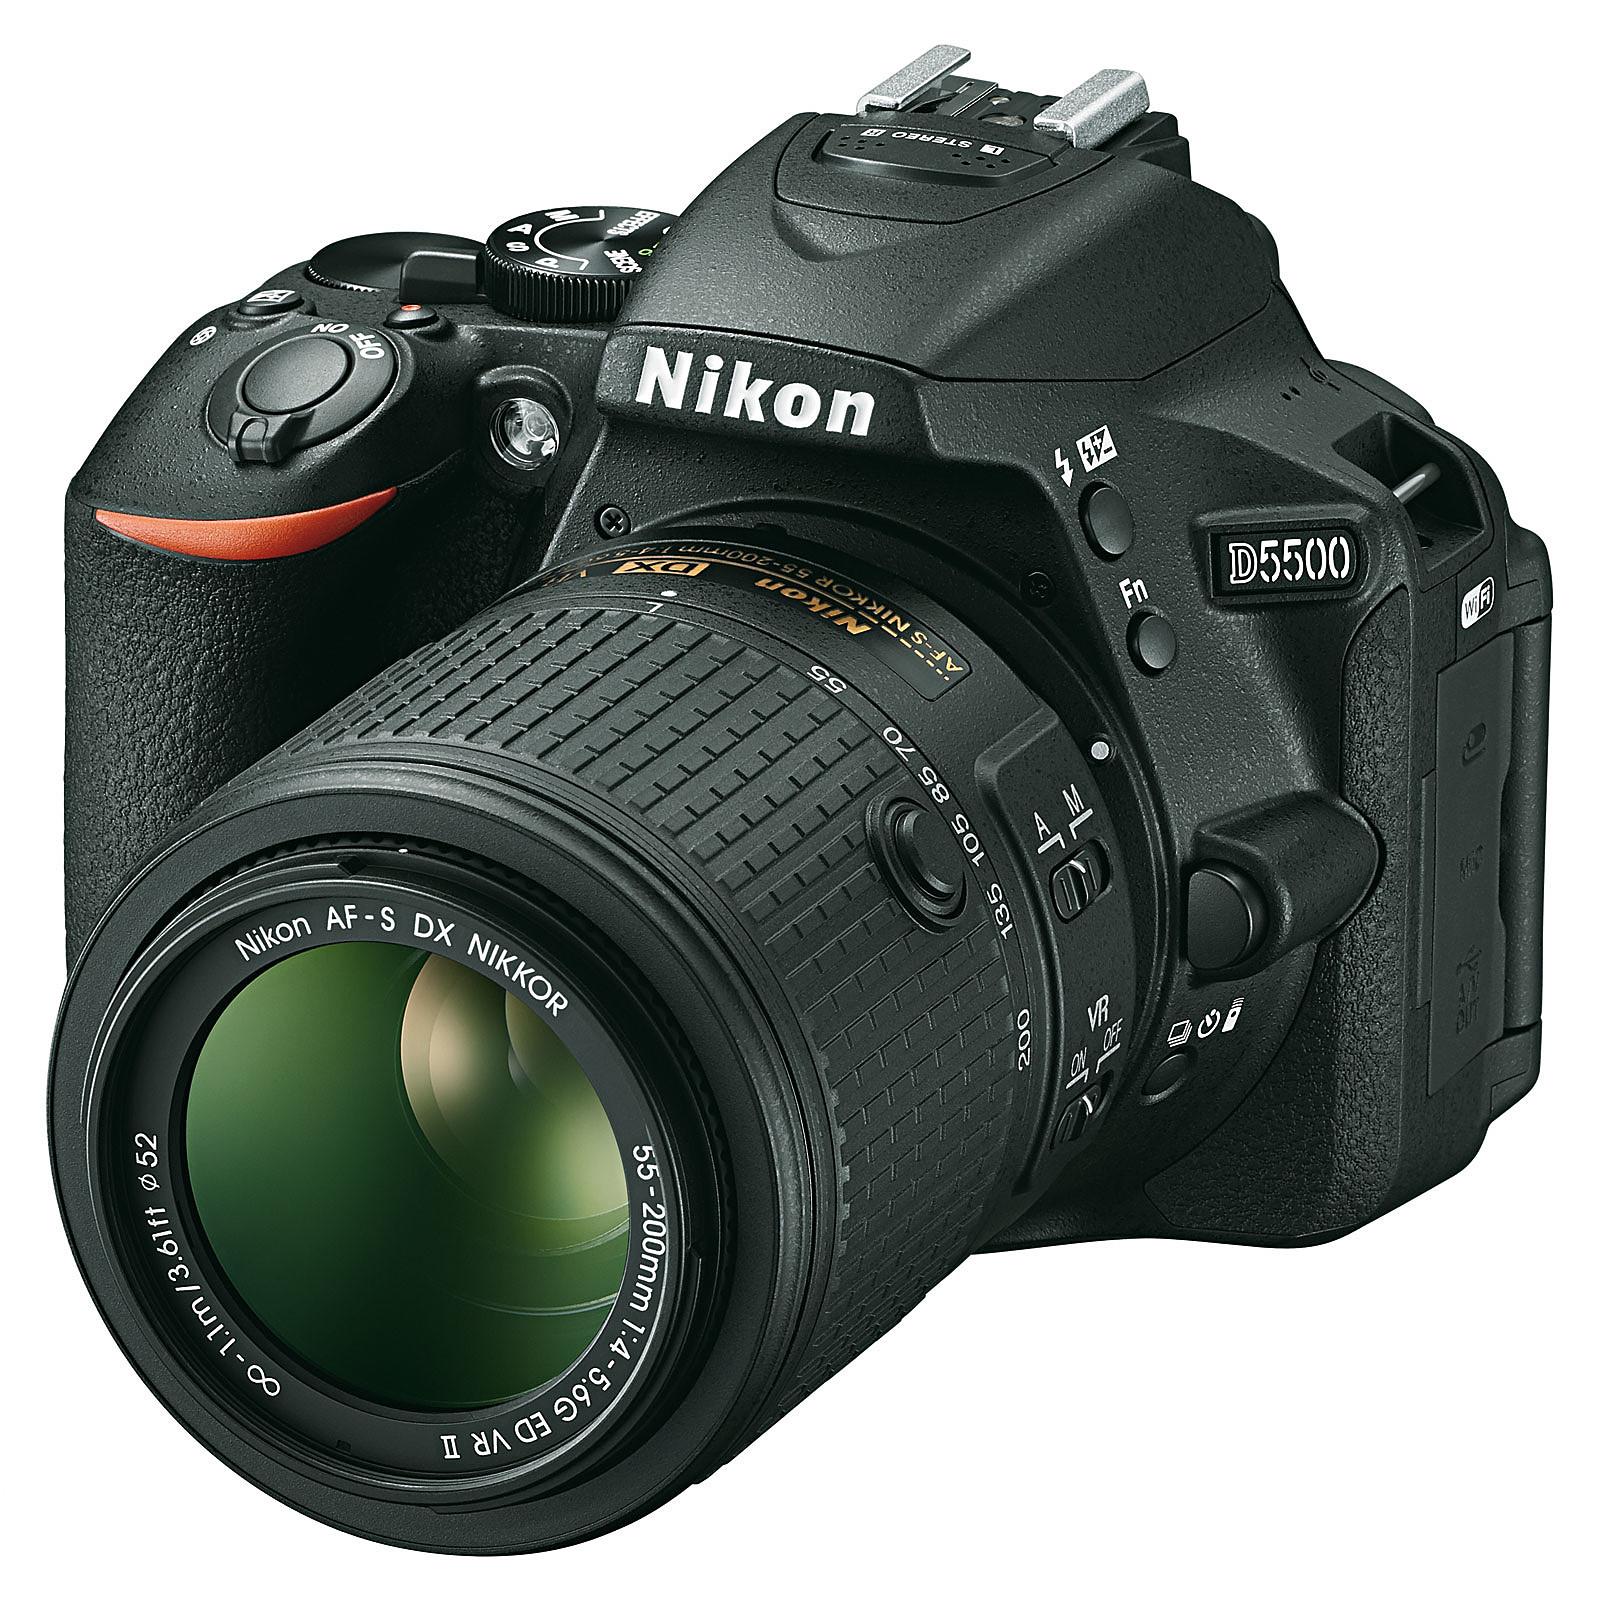 Nikon D5500 + AF-S DX NIKKOR 18-55mm + 55-200mm